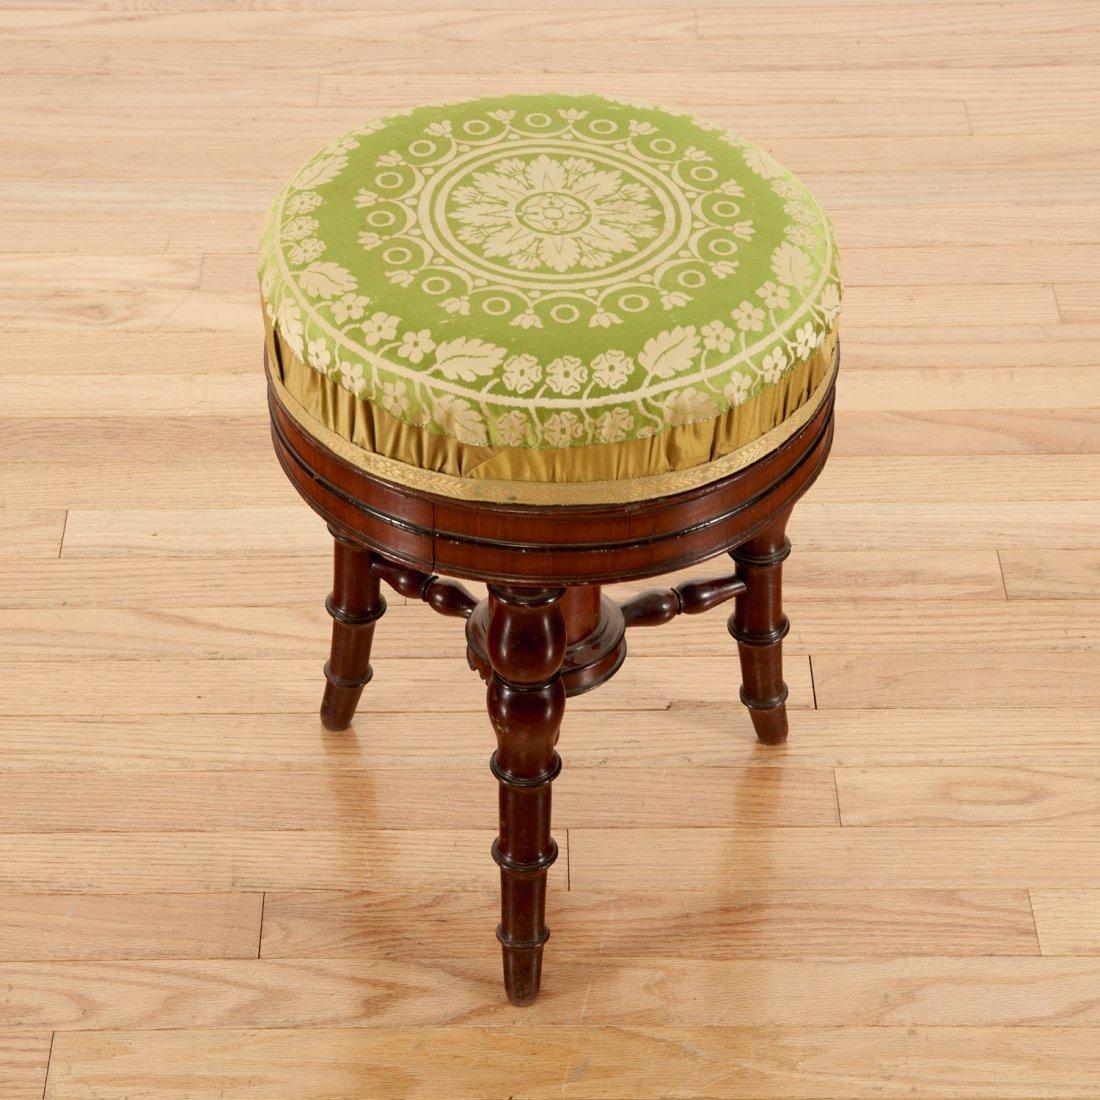 Louis Philippe mahogany bamboo-turned stool